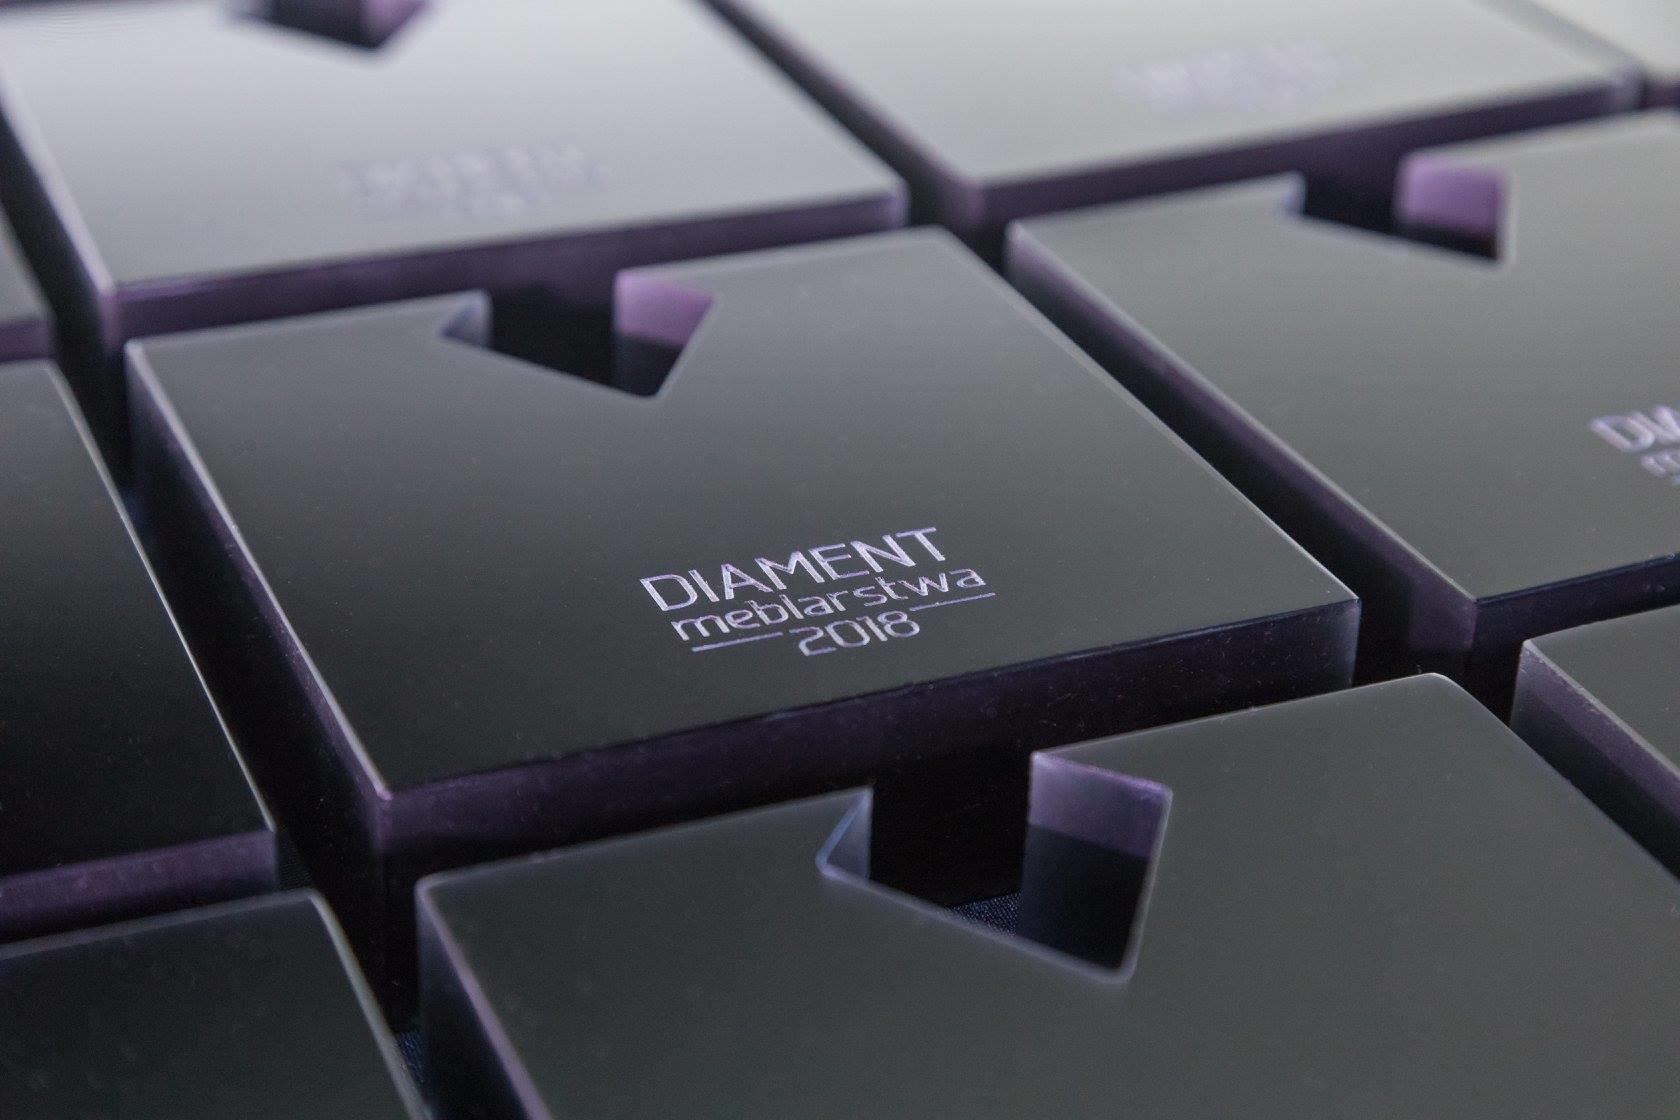 Konkurs Diament Meblarstwa 2019 czas zacząć!